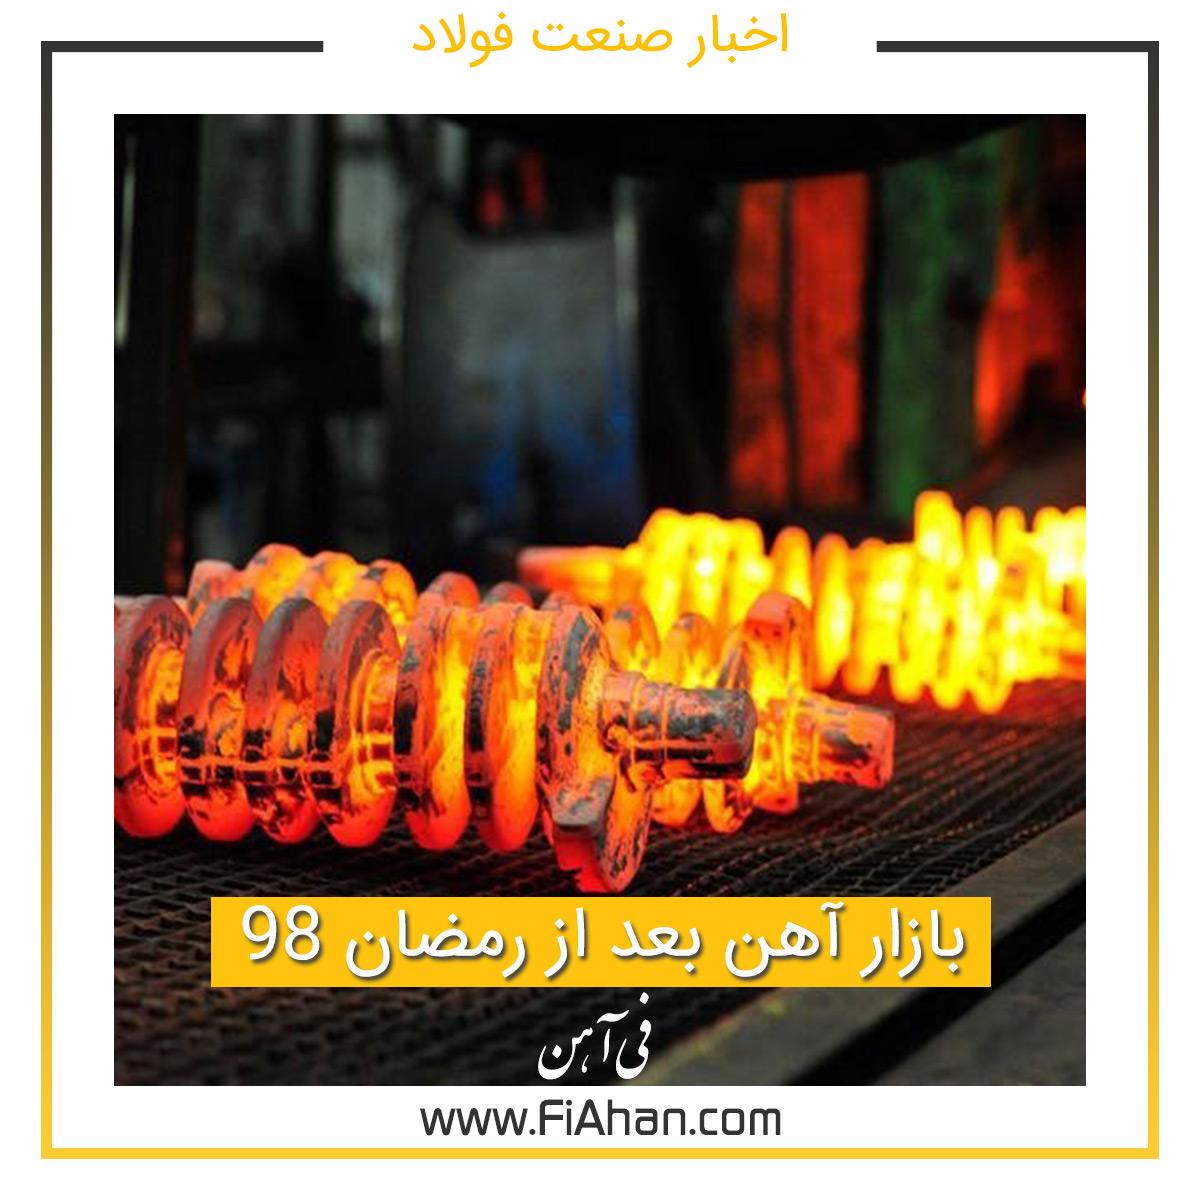 بازار آهن بعد از رمضان 98